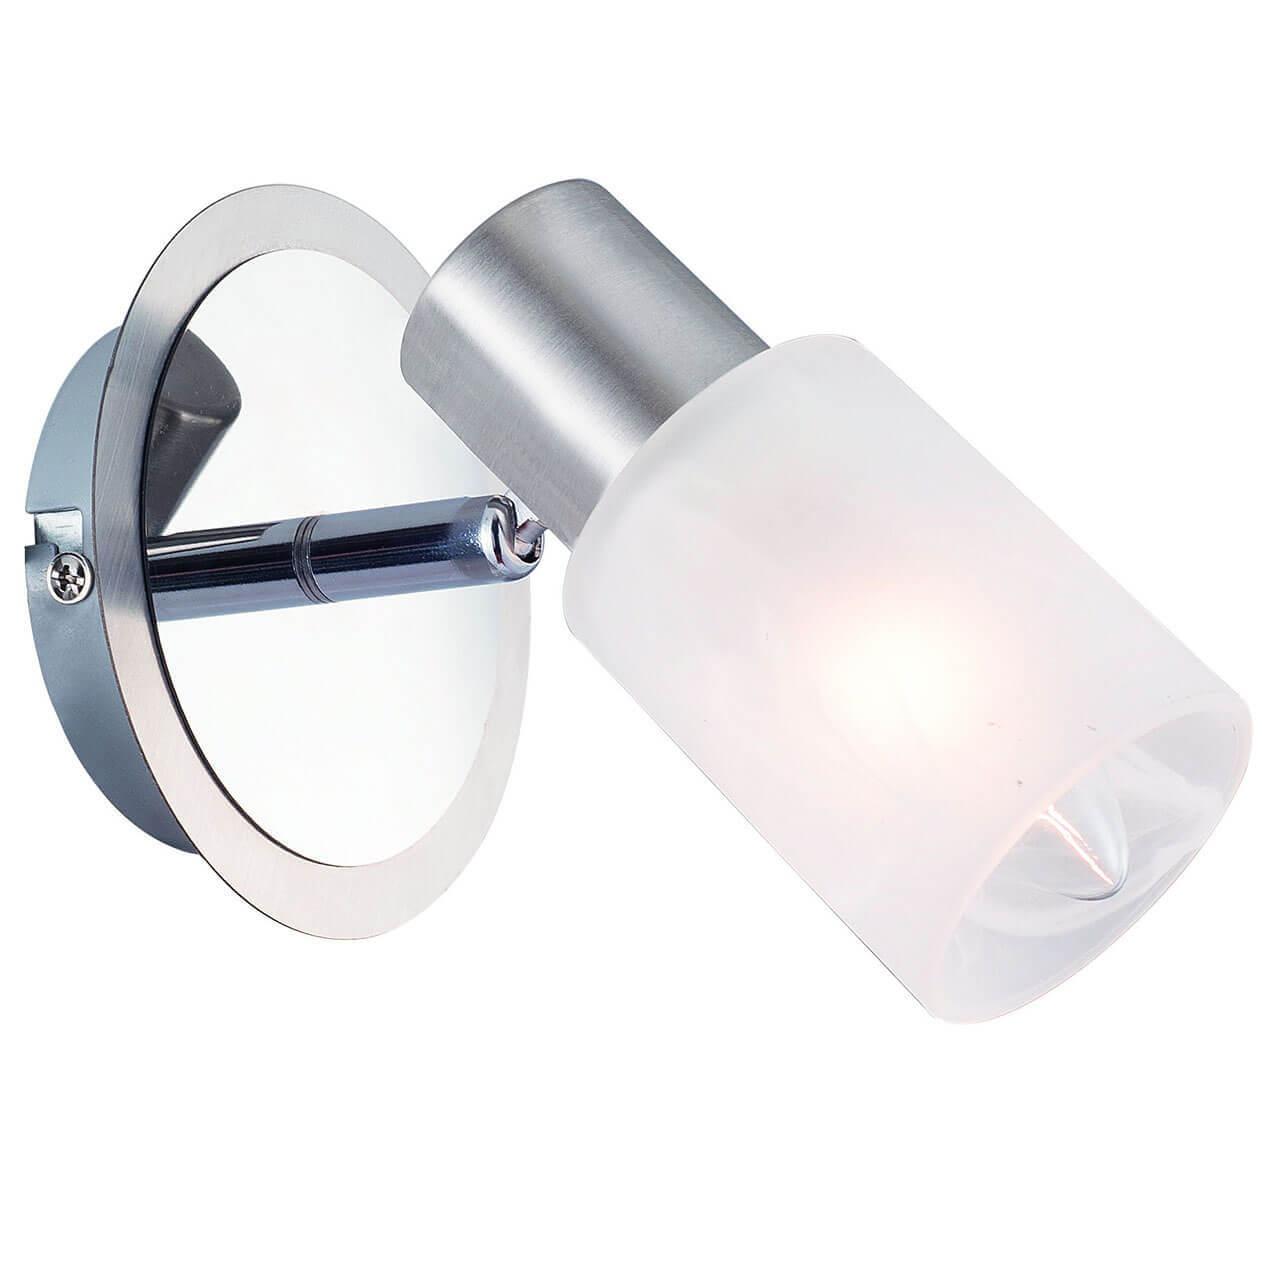 Спот Arte Lamp A4510AP-1SS спот arte lamp a4510ap 1ss